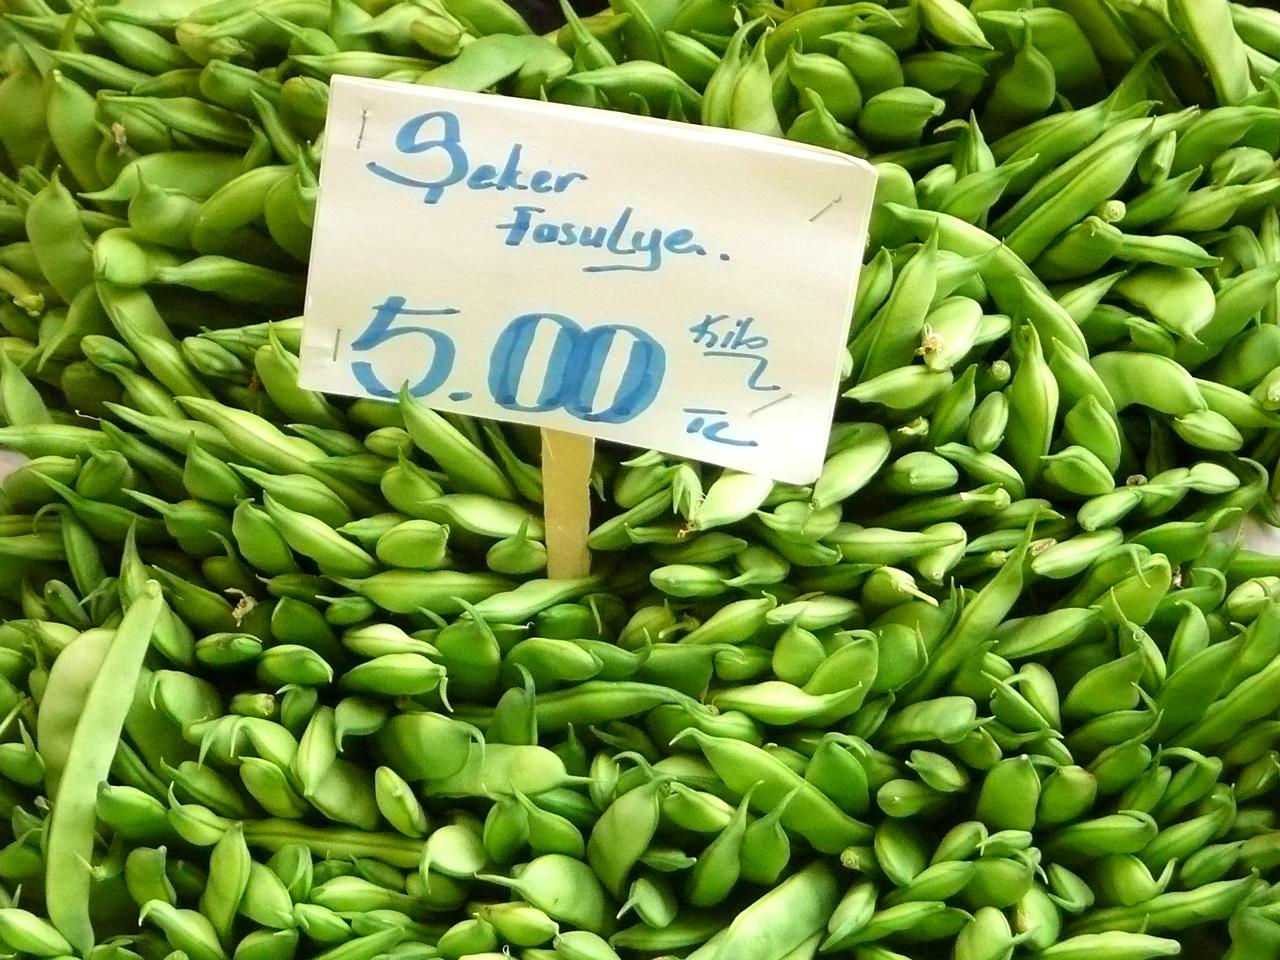 Histoires de l gumes dola a dola a - Haricot vert fruit ou legume ...